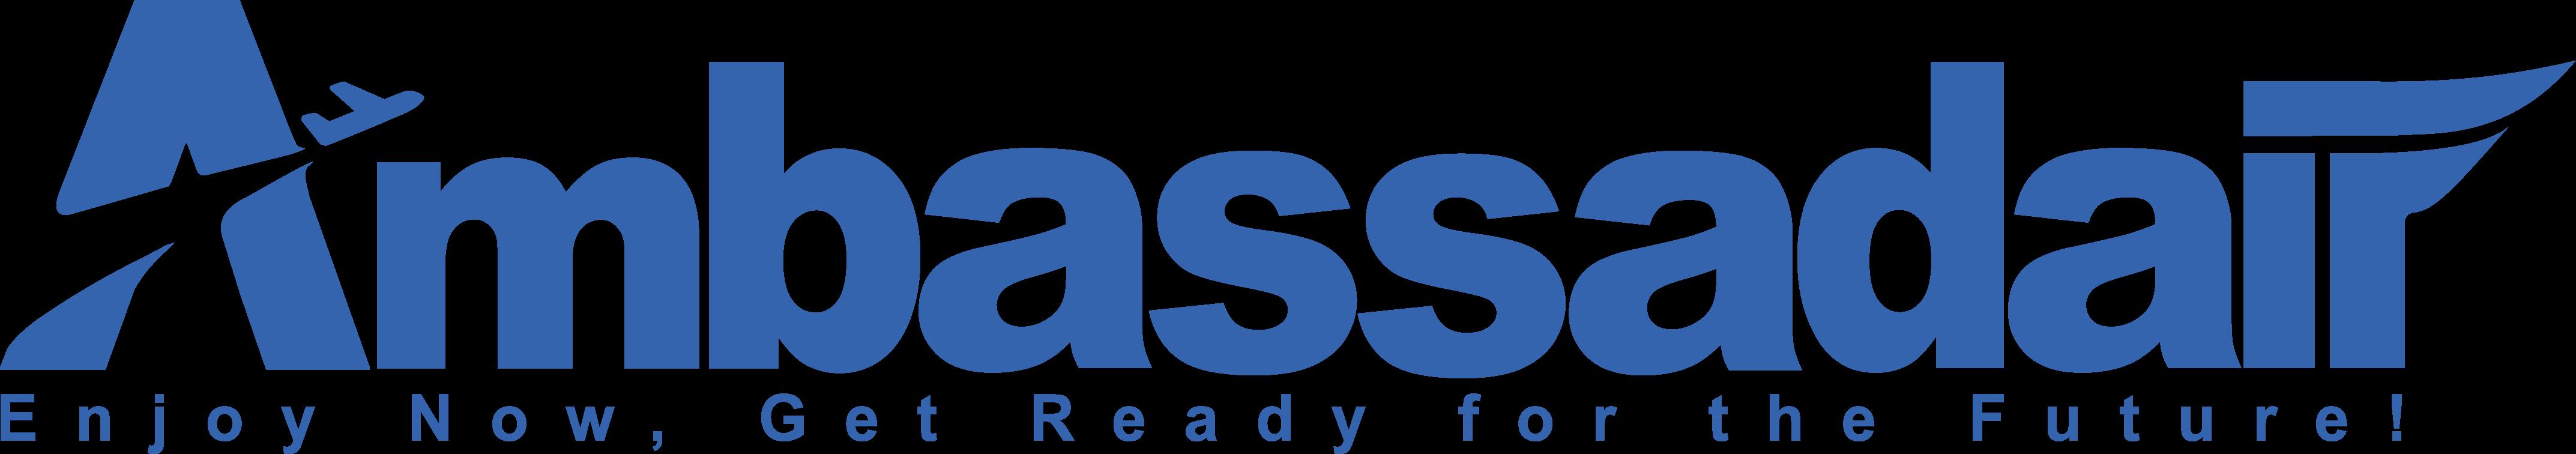 Blue Logo - Ambassadair